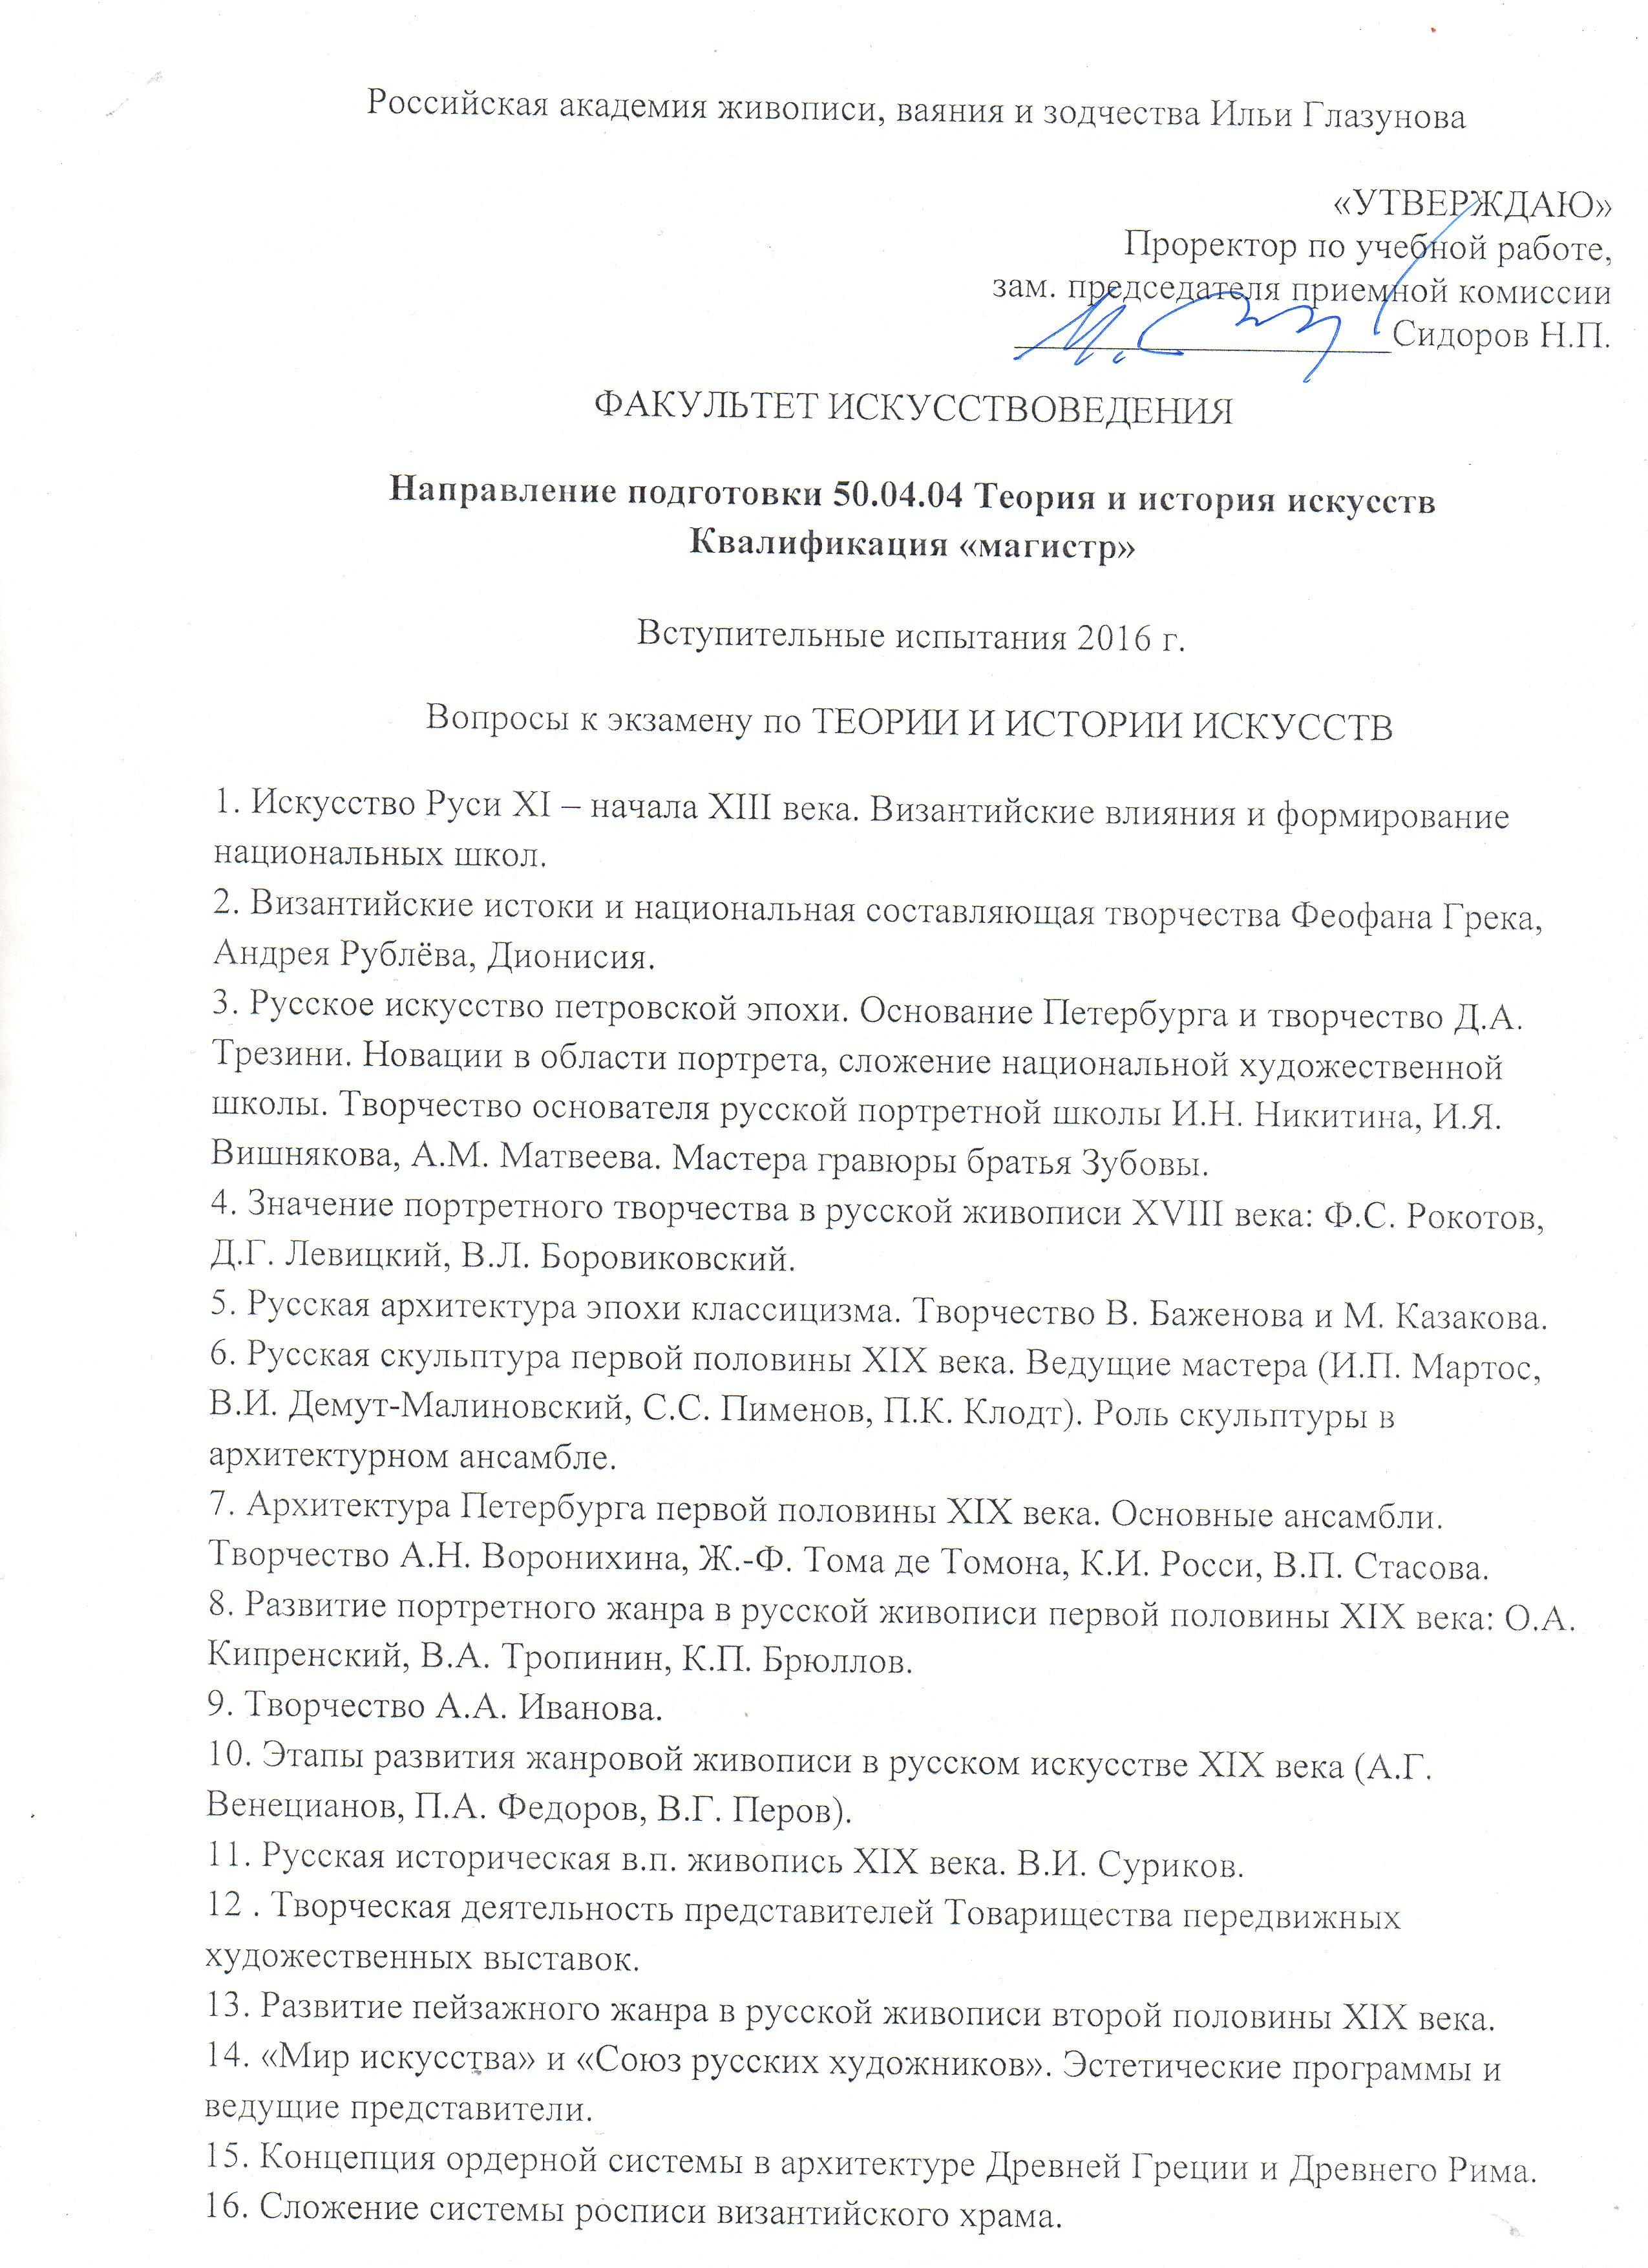 Должностная инструкция ответственного секретаря приемной комиссии в вузе